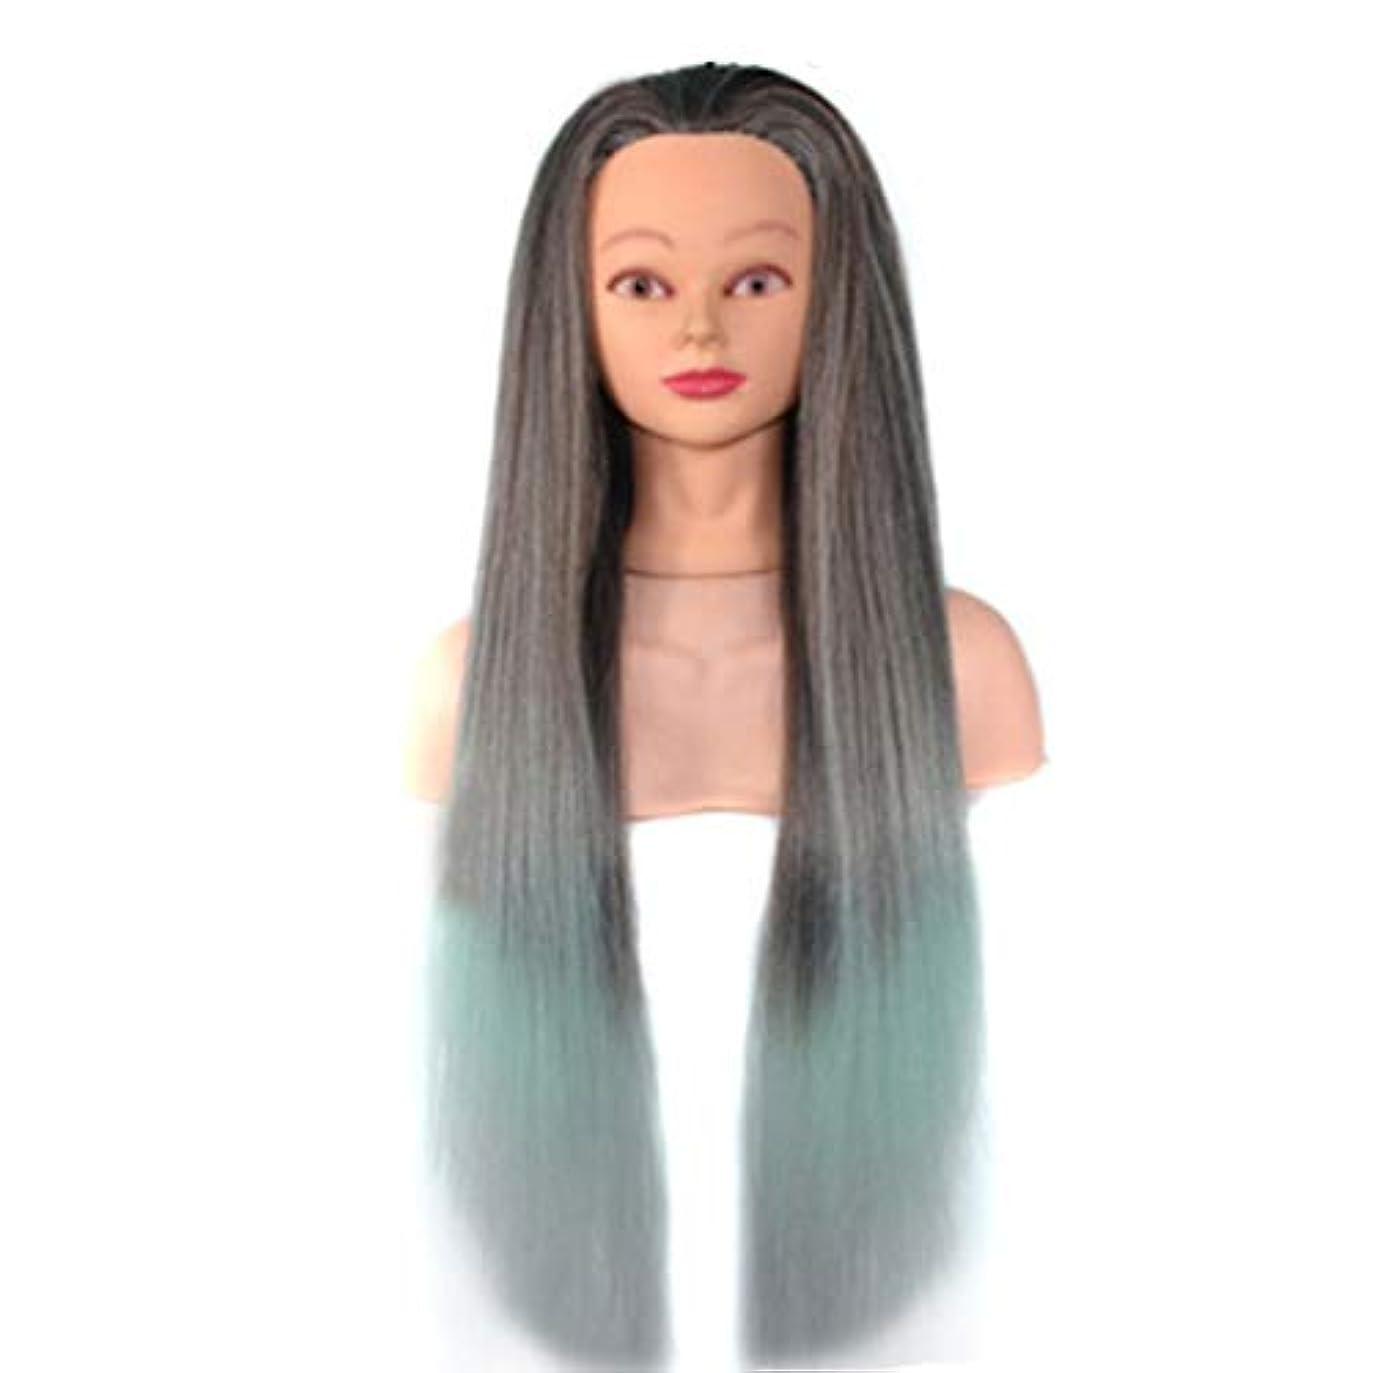 少数変形するランドリー化粧板髪練習帽子ジュエリーディスプレイヘッド金型高温シルクグラデーションカラートレーニングヘッドヘアマネキン,09